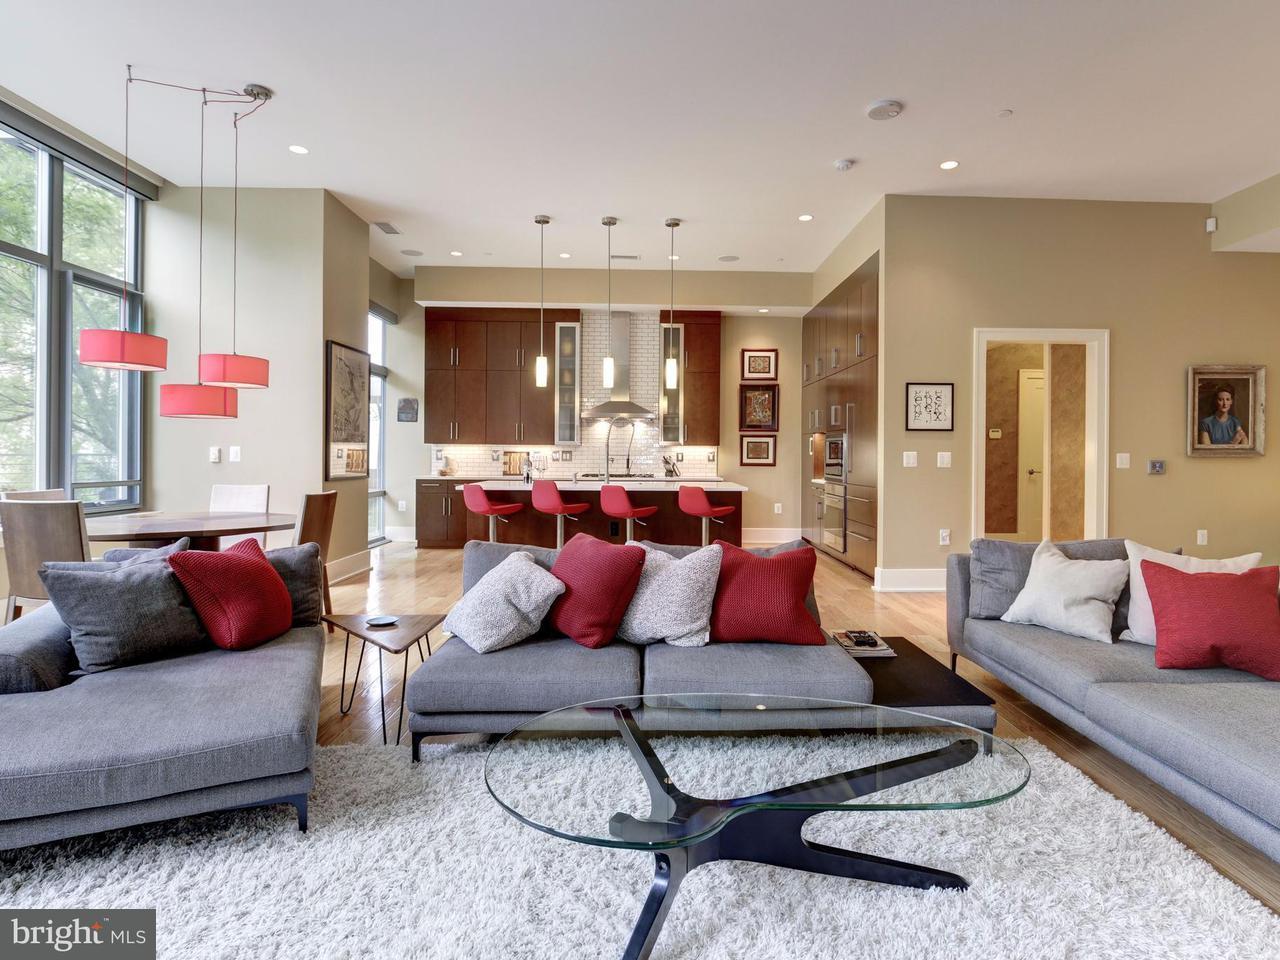 Πολυκατοικία ατομικής ιδιοκτησίας για την Πώληση στο 601 Fairfax St #215 601 Fairfax St #215 Alexandria, Βιρτζινια 22314 Ηνωμενεσ Πολιτειεσ